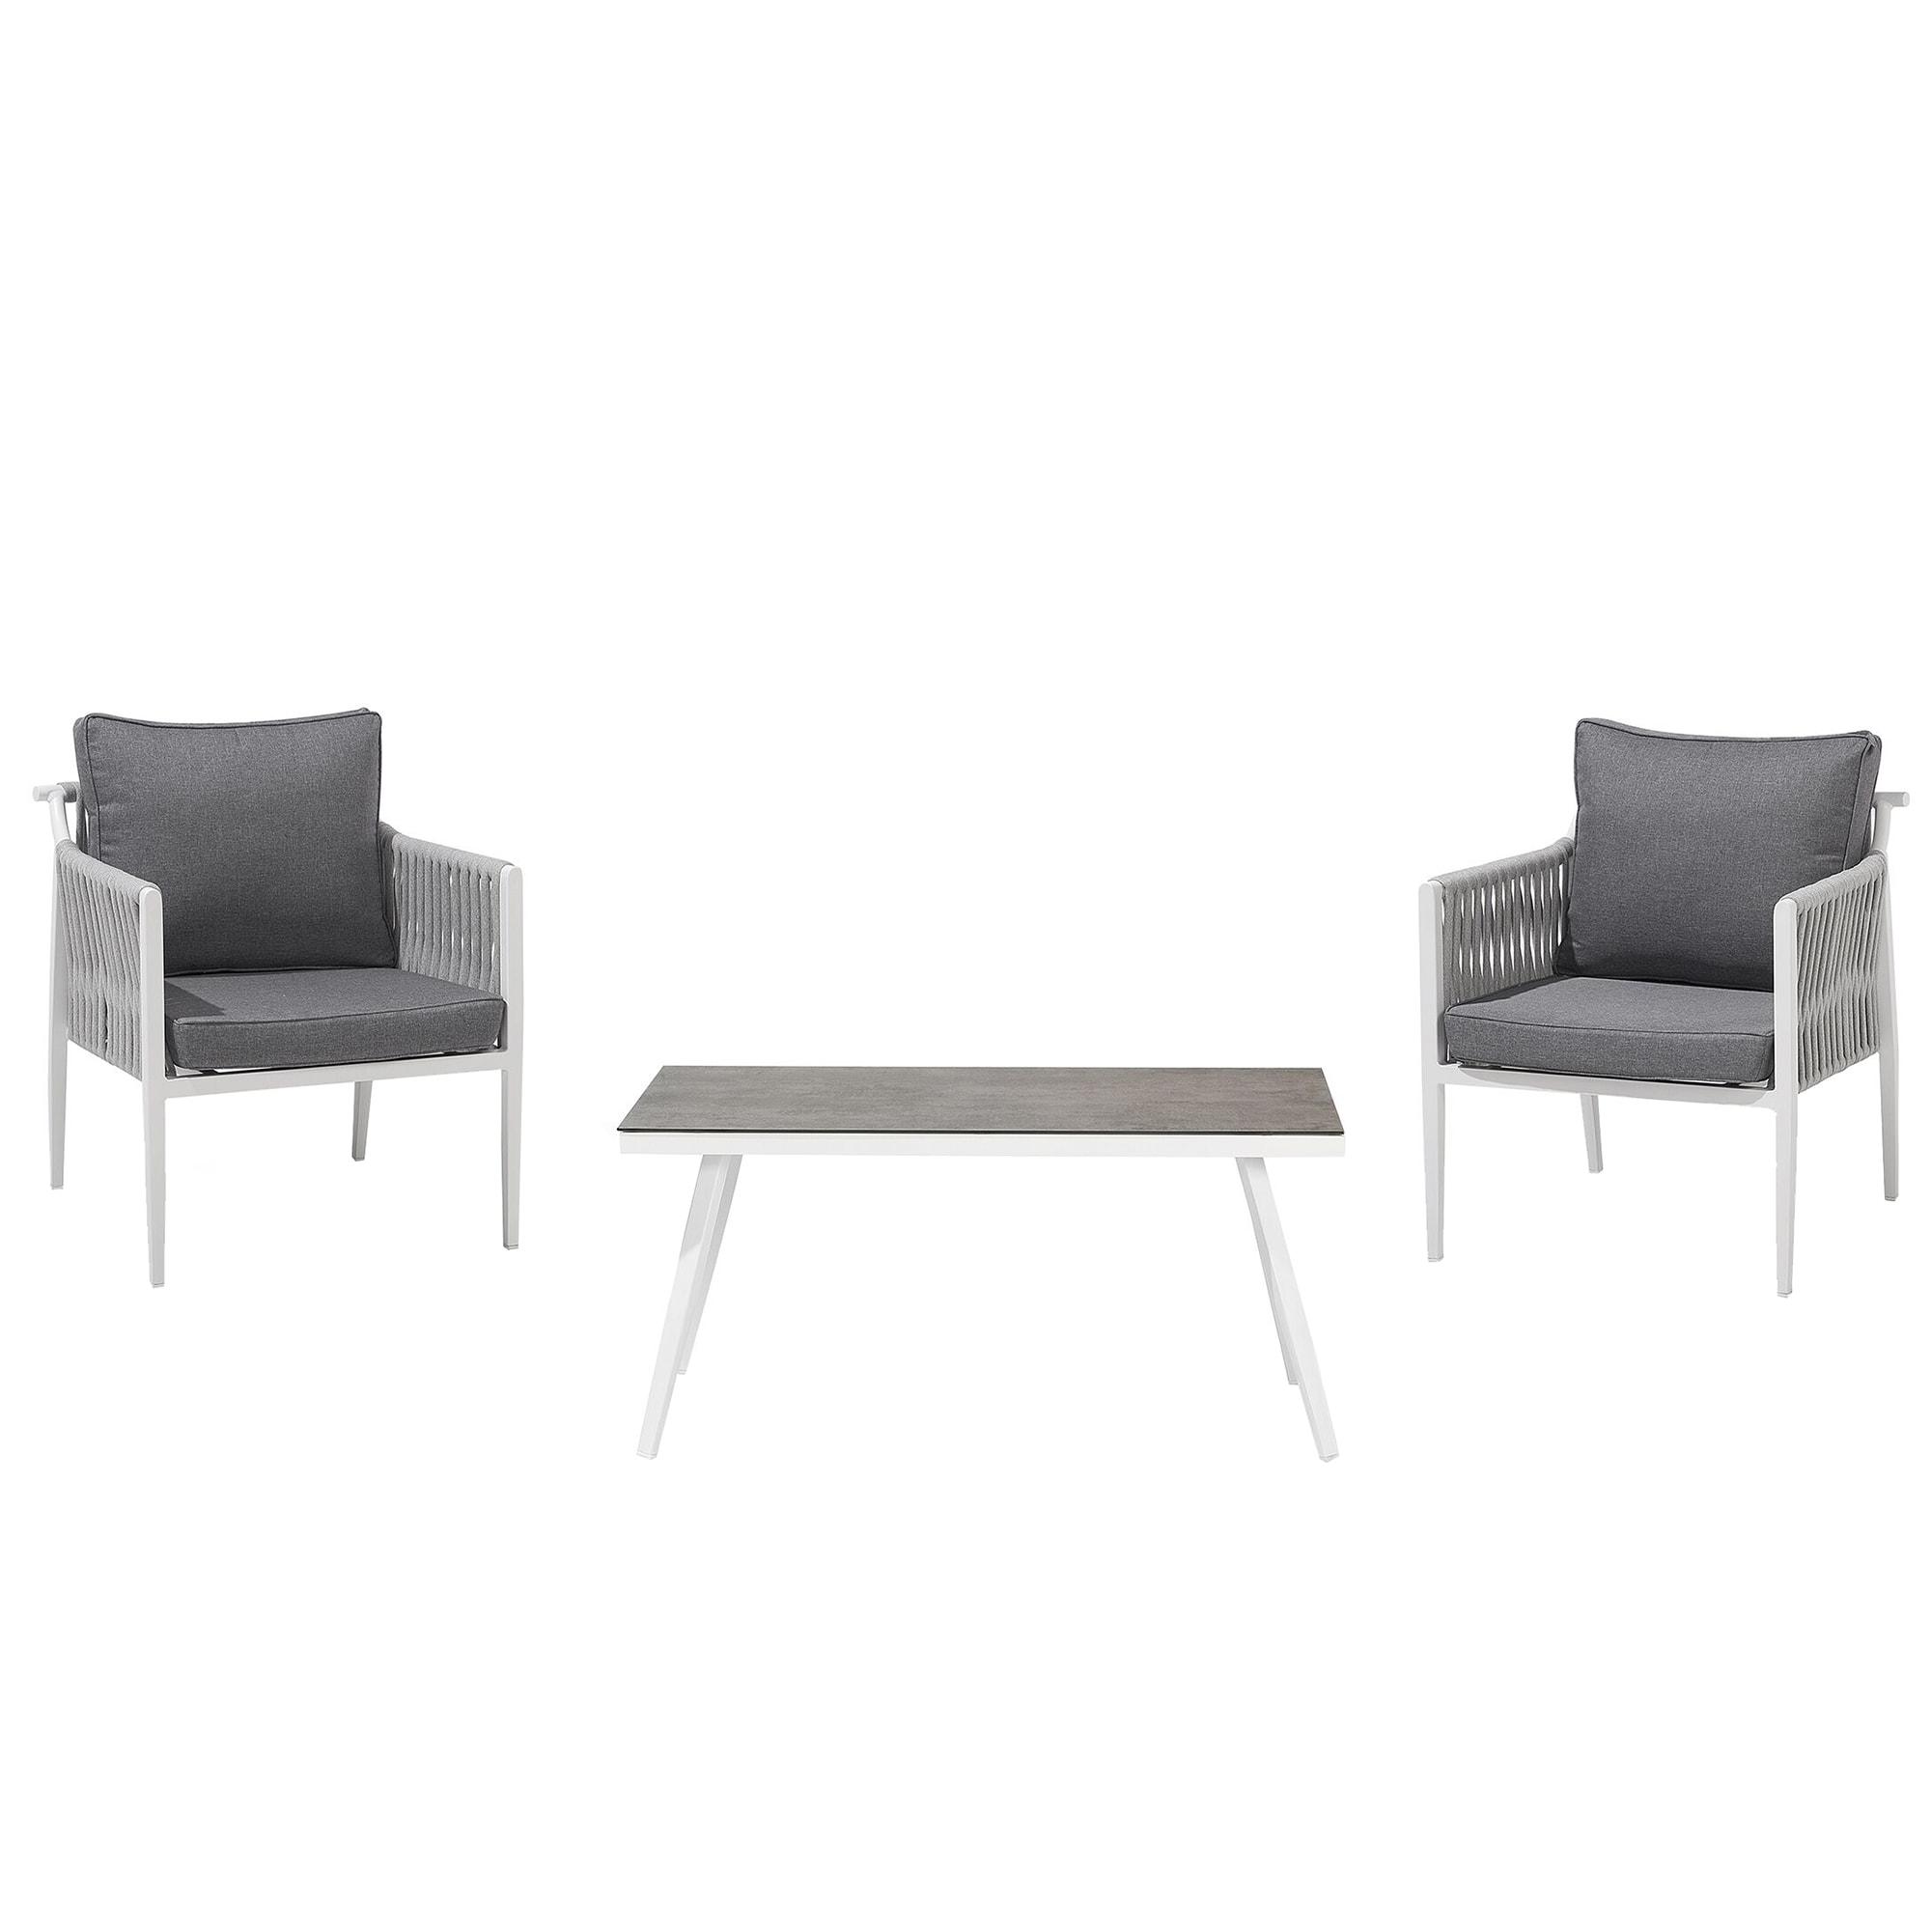 Salon de jardin 2 personnes en aluminium blanc coussins gris